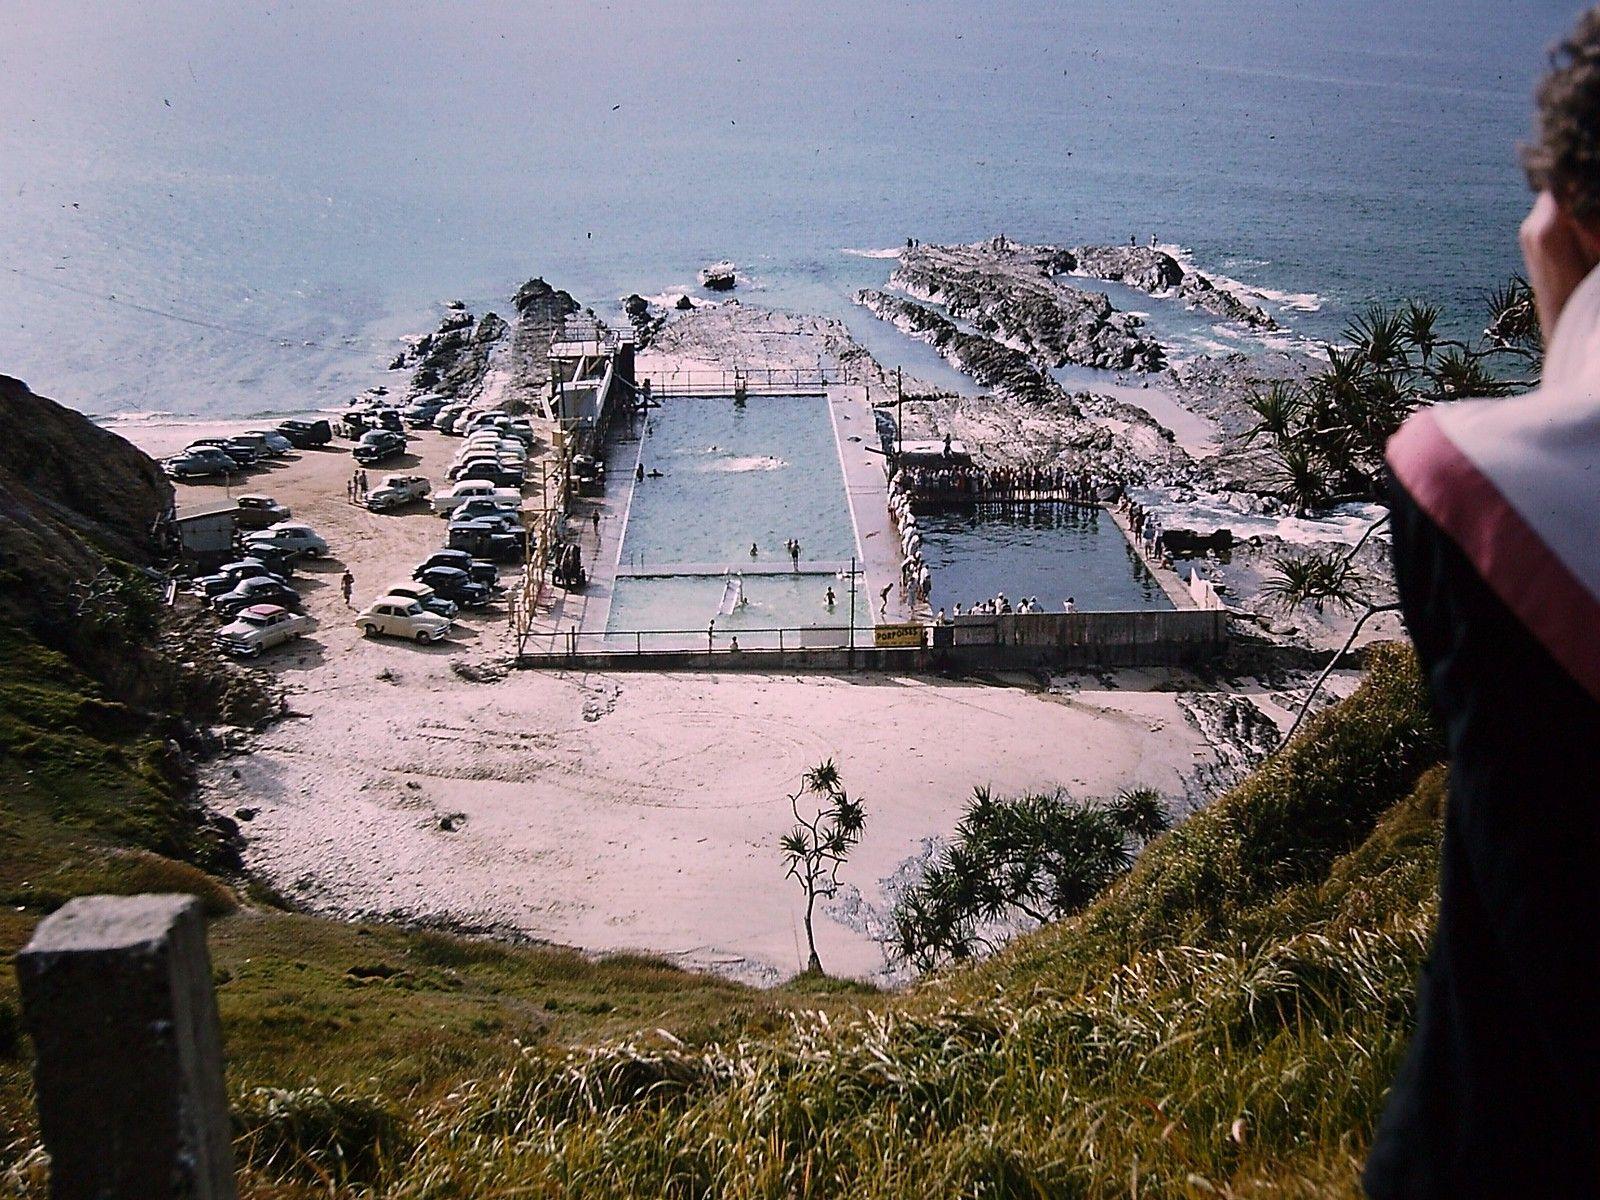 72baf43c07e2c2080bb1ec0673737711 - Gold Coast Council Parks And Gardens